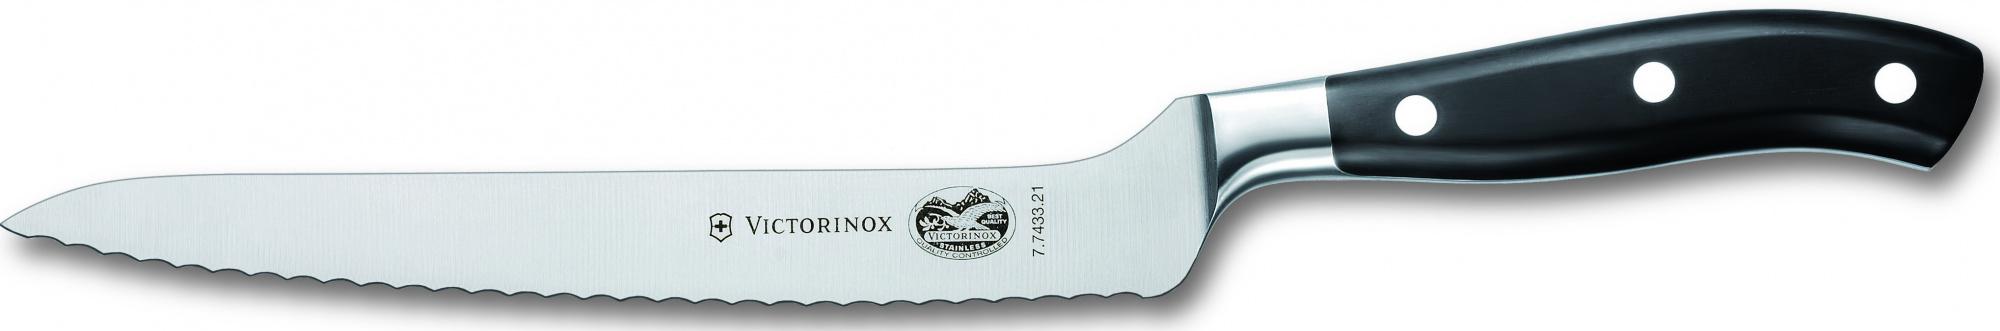 Victorinox 7.7433.21G - нож поварской, волнистое лезвие 21 см, в подарочной упаковке (Black)